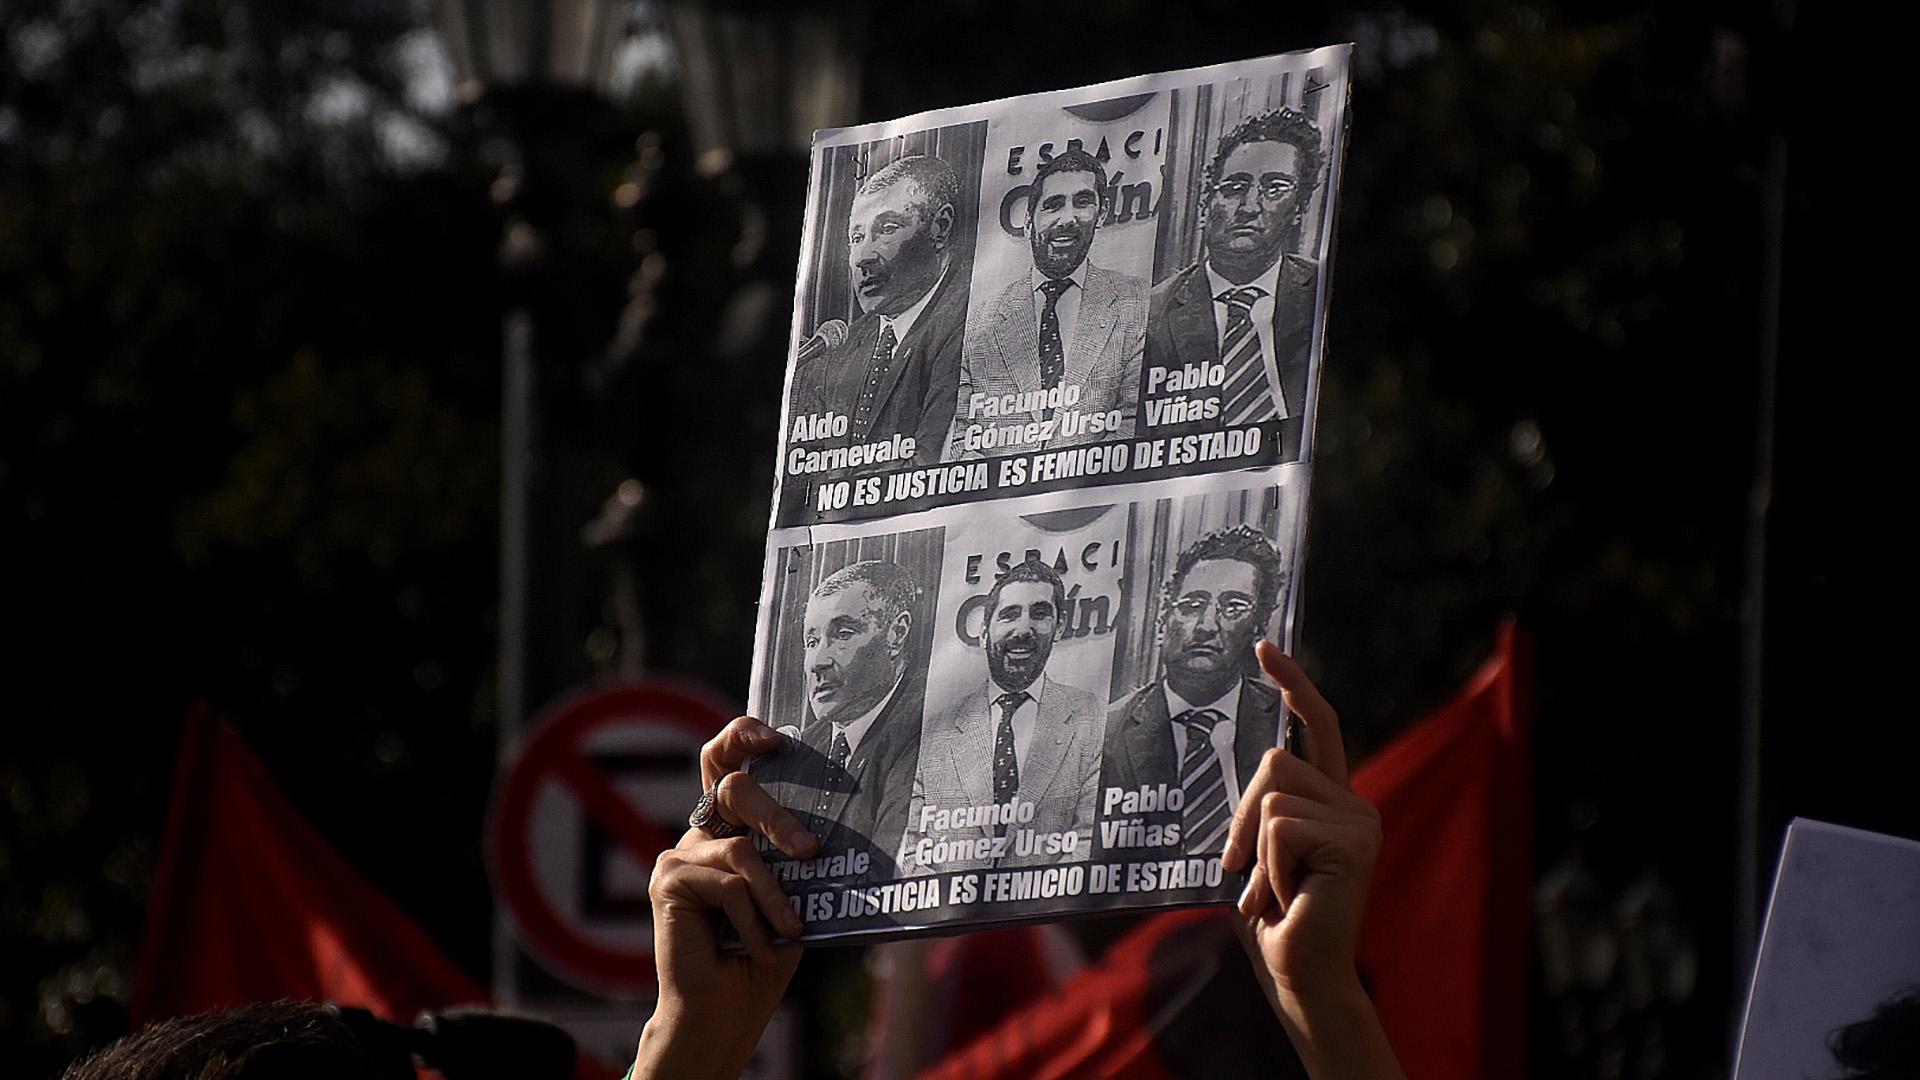 Los jueces que absolvieron a las personas acusadas por la muerte de Lucía Pérez fueron repudiados durante la manifestación